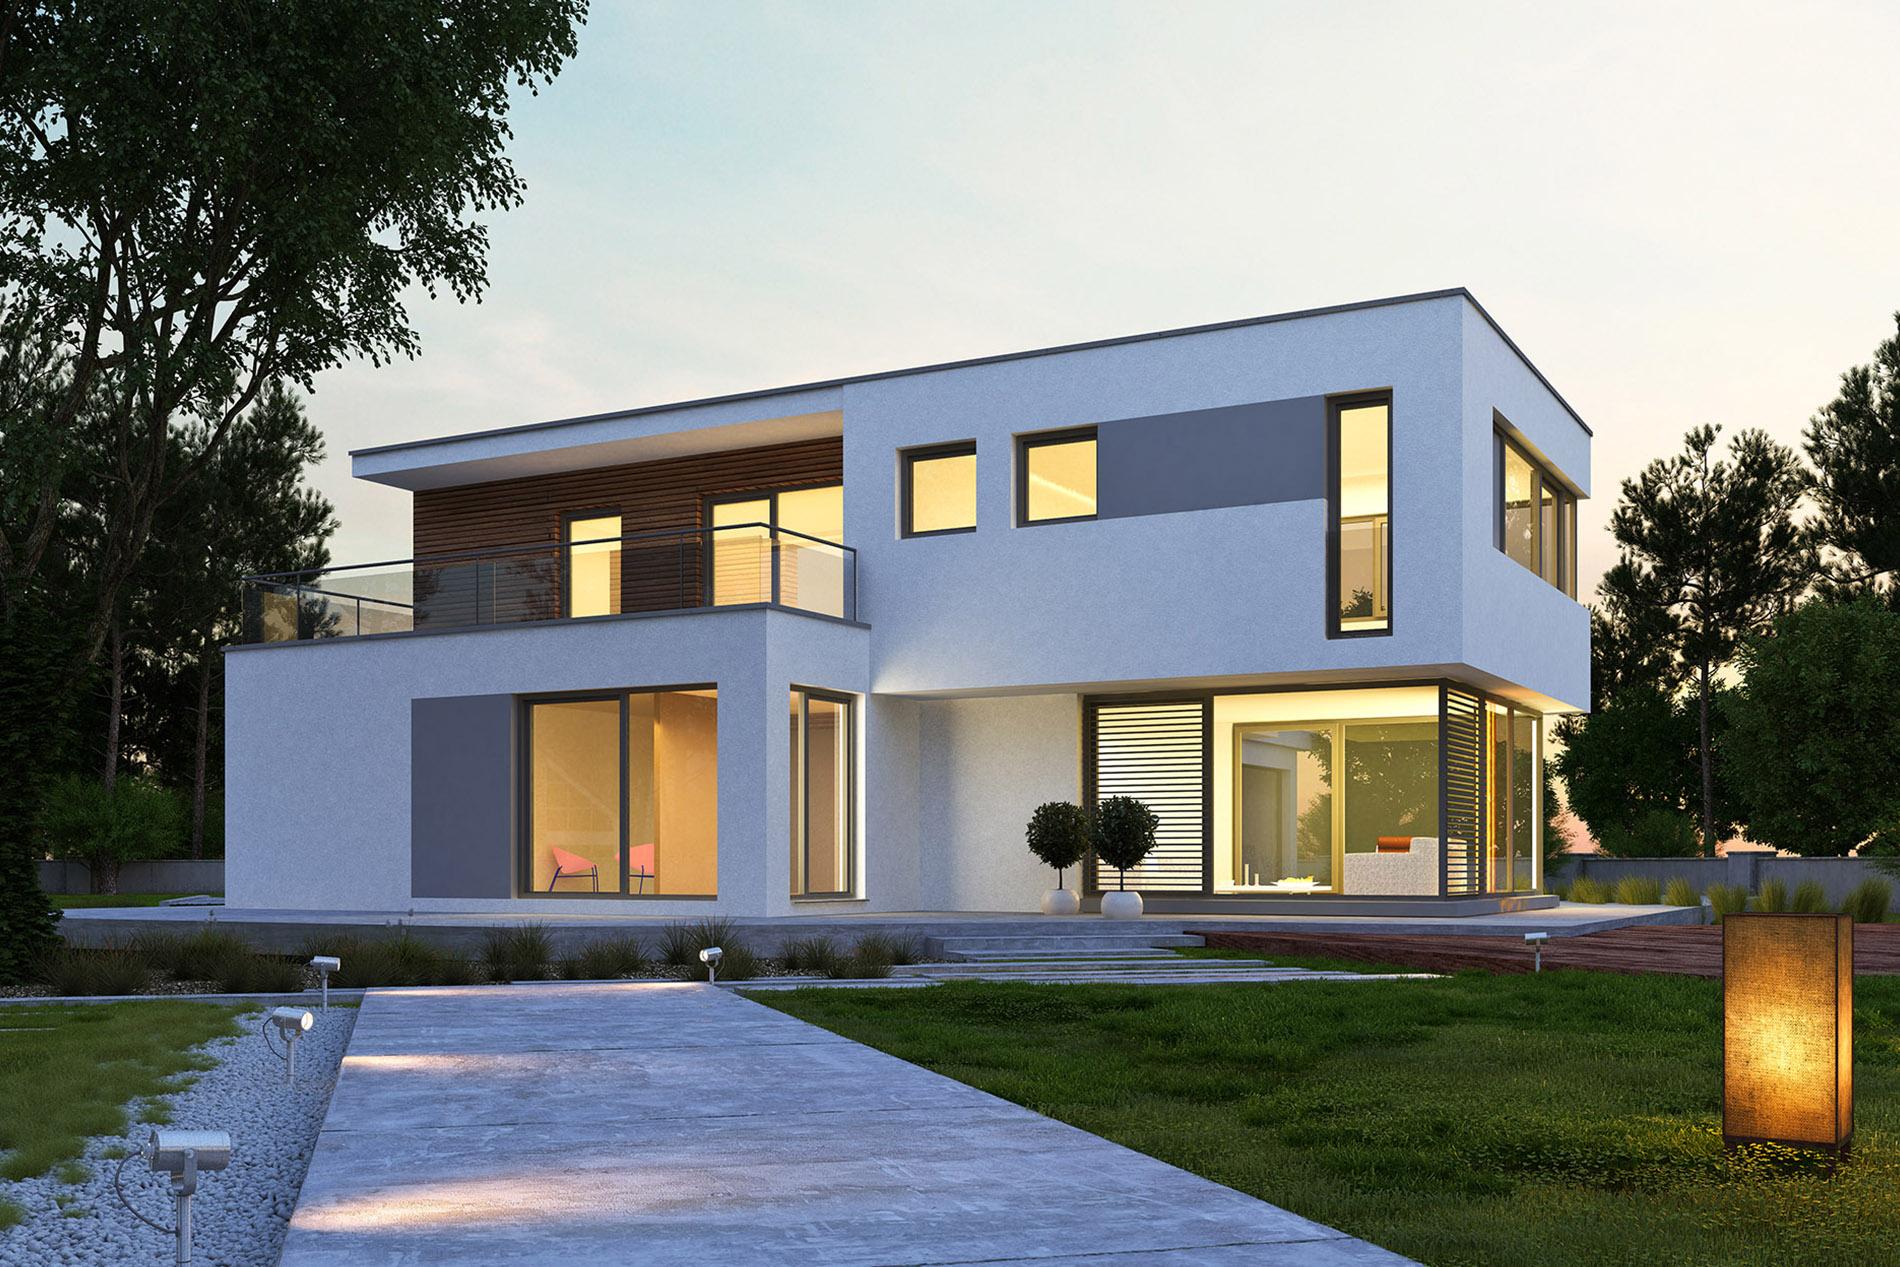 notre philosophie de construction qualité écologie alsace construction